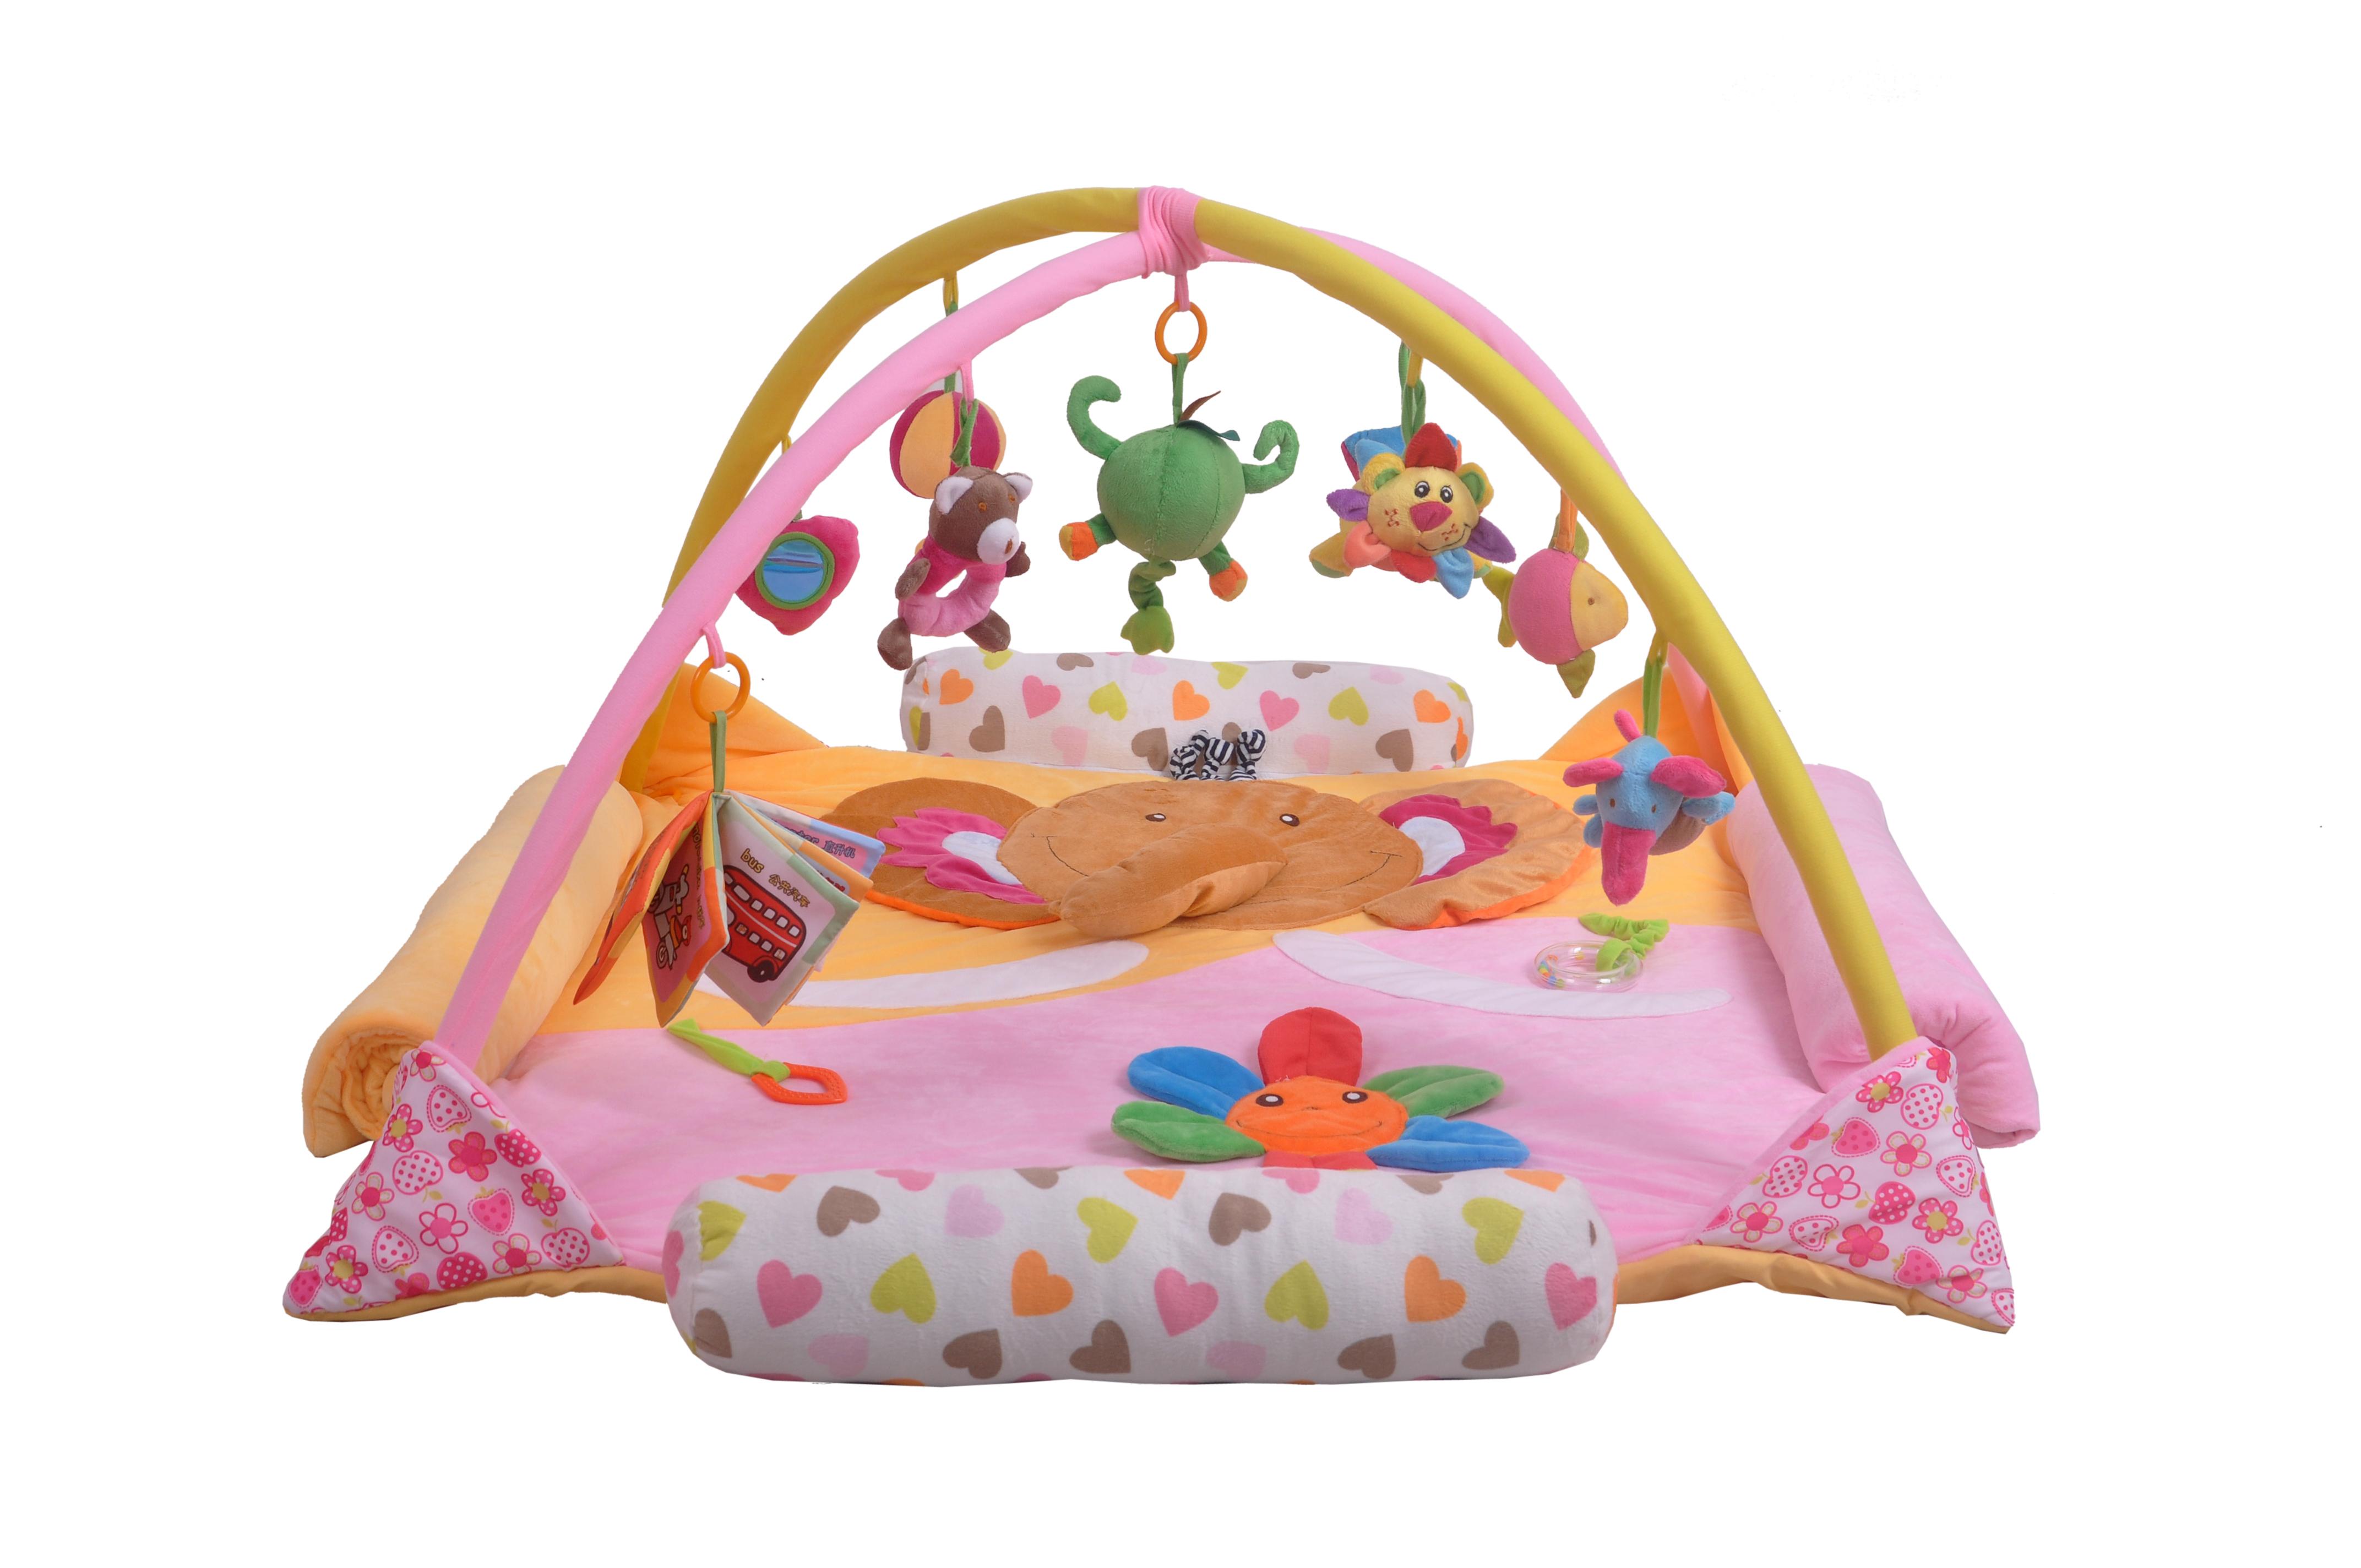 大象款婴儿游戏垫销售